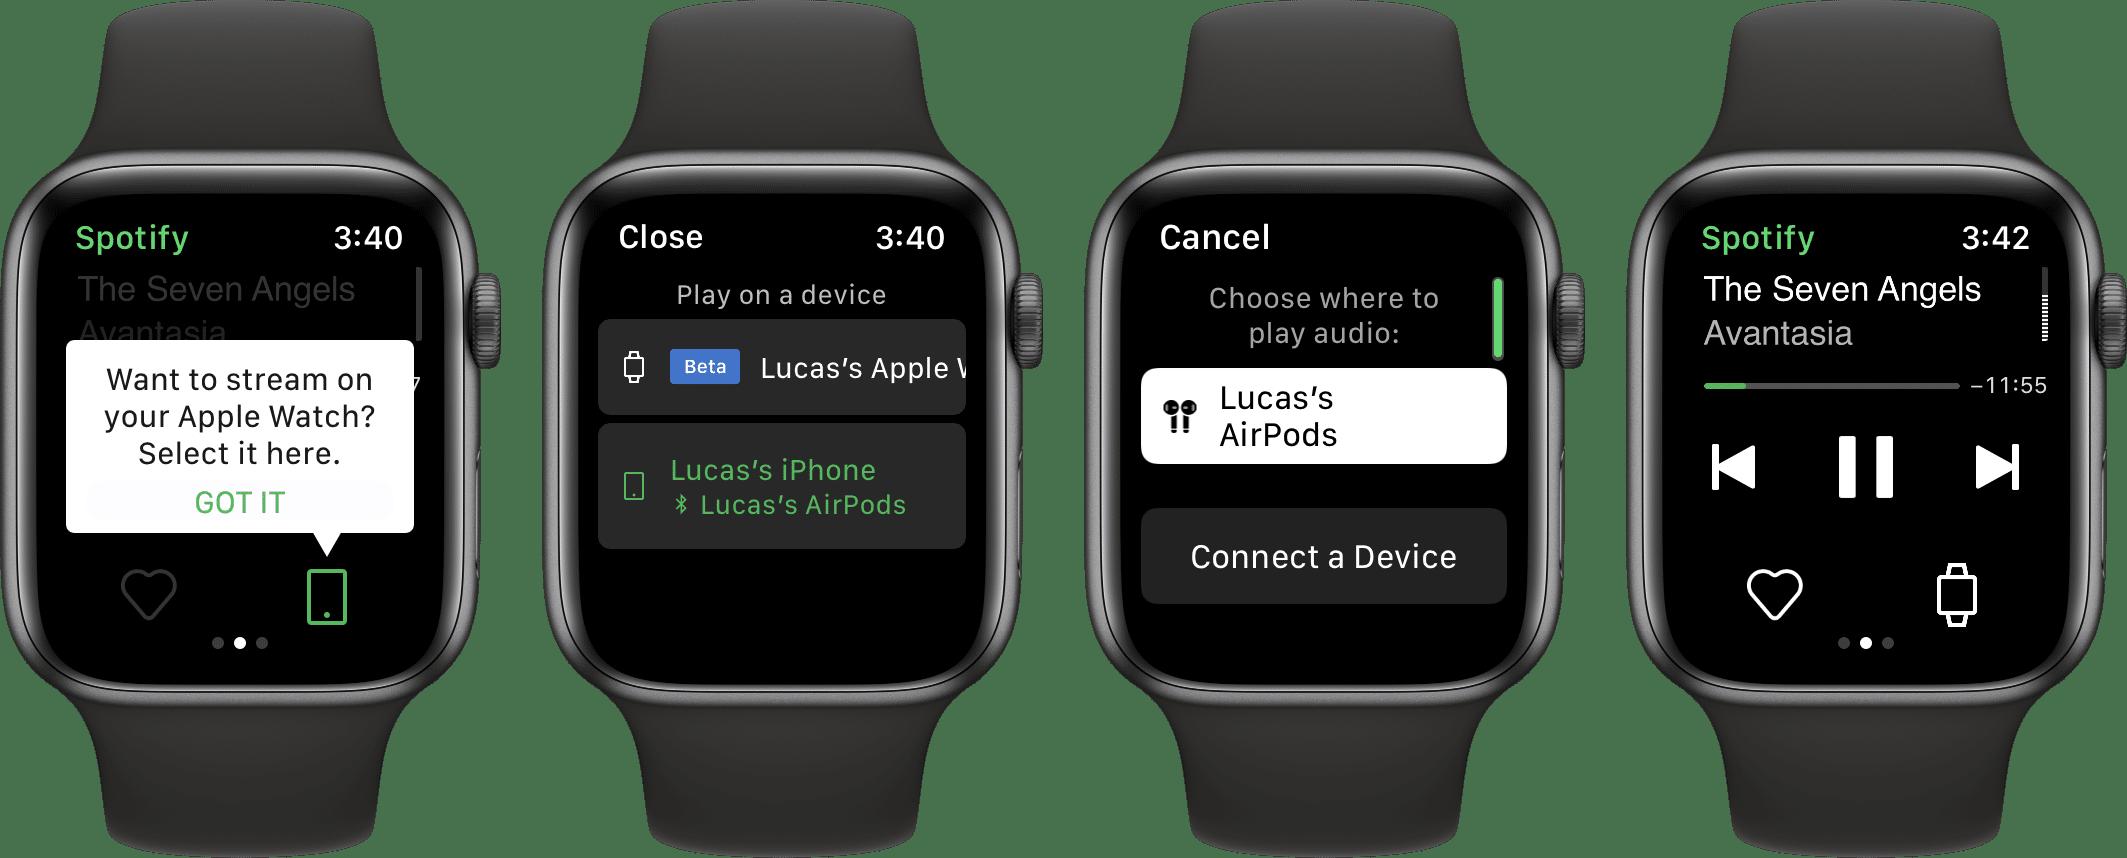 Spotify com streaming de músicas no Apple Watch